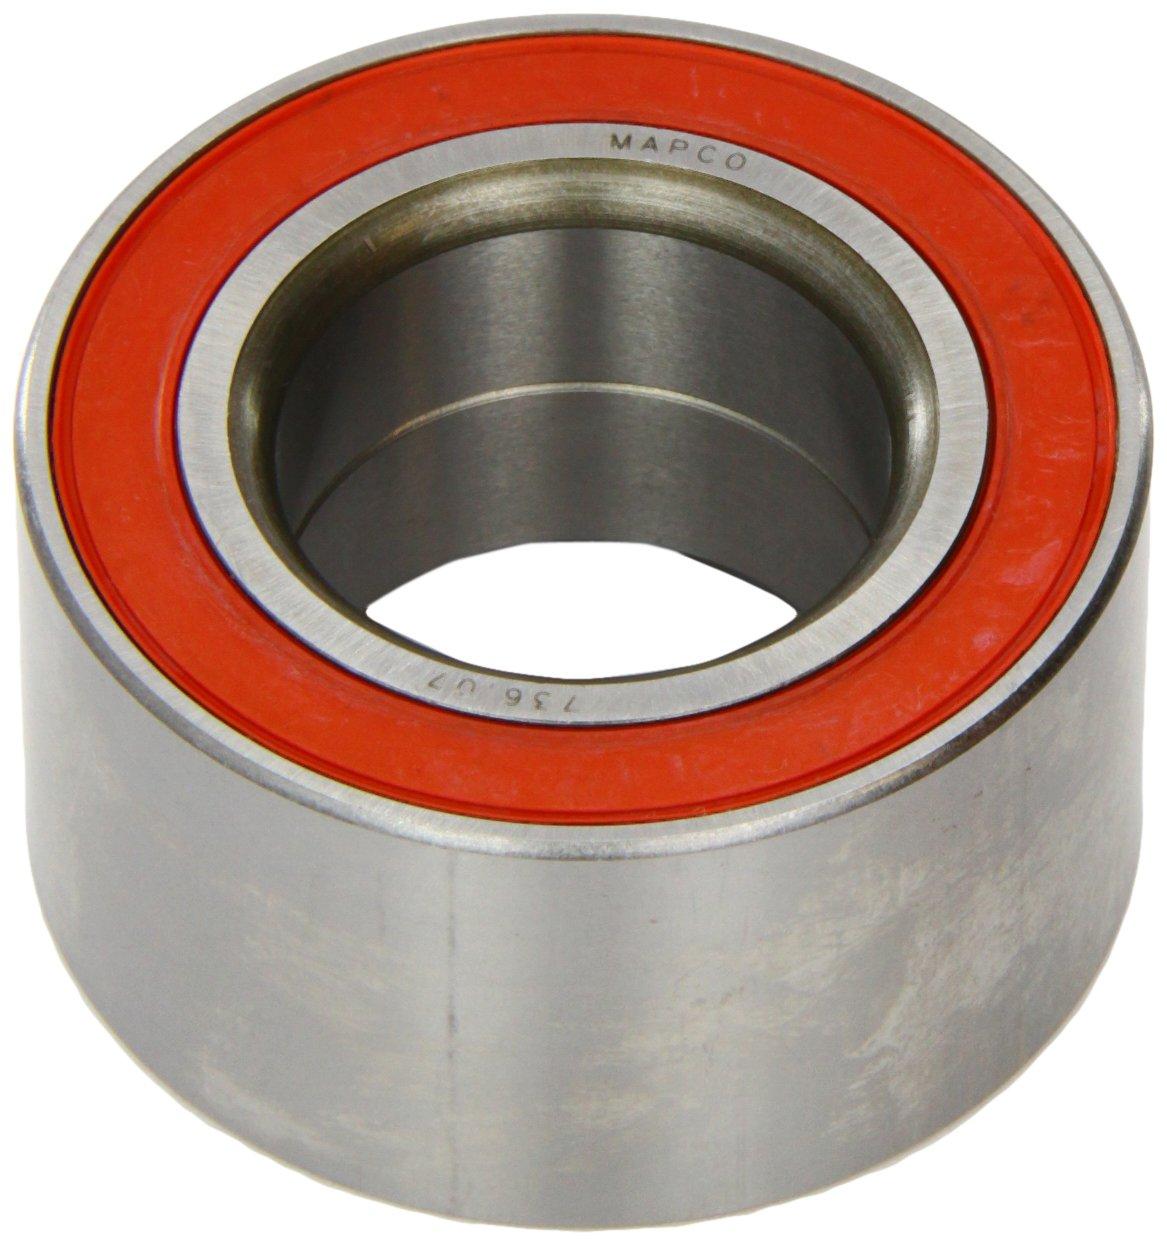 Mapco 26640 Juego de cojinete de rueda